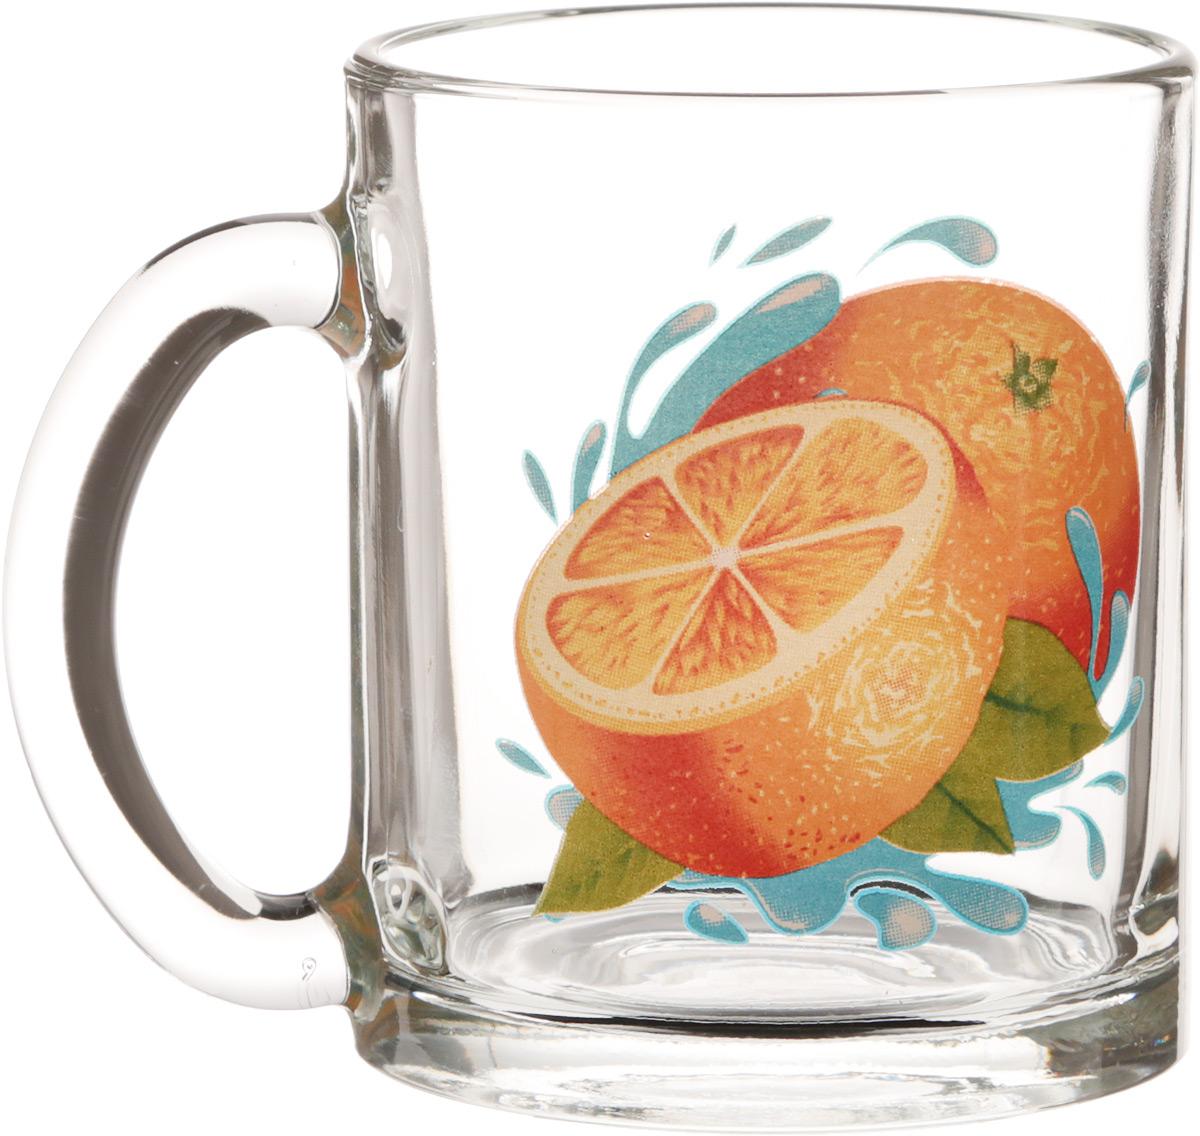 Кружка OSZ Чайная. Апельсин, 320 мл04C1208-APKКружка OSZ Чайная. Апельсин изготовлена из стекла и декорирована принтом.Диаметр (по верхнему краю): 7,5 см. Высота: 9,5 см.